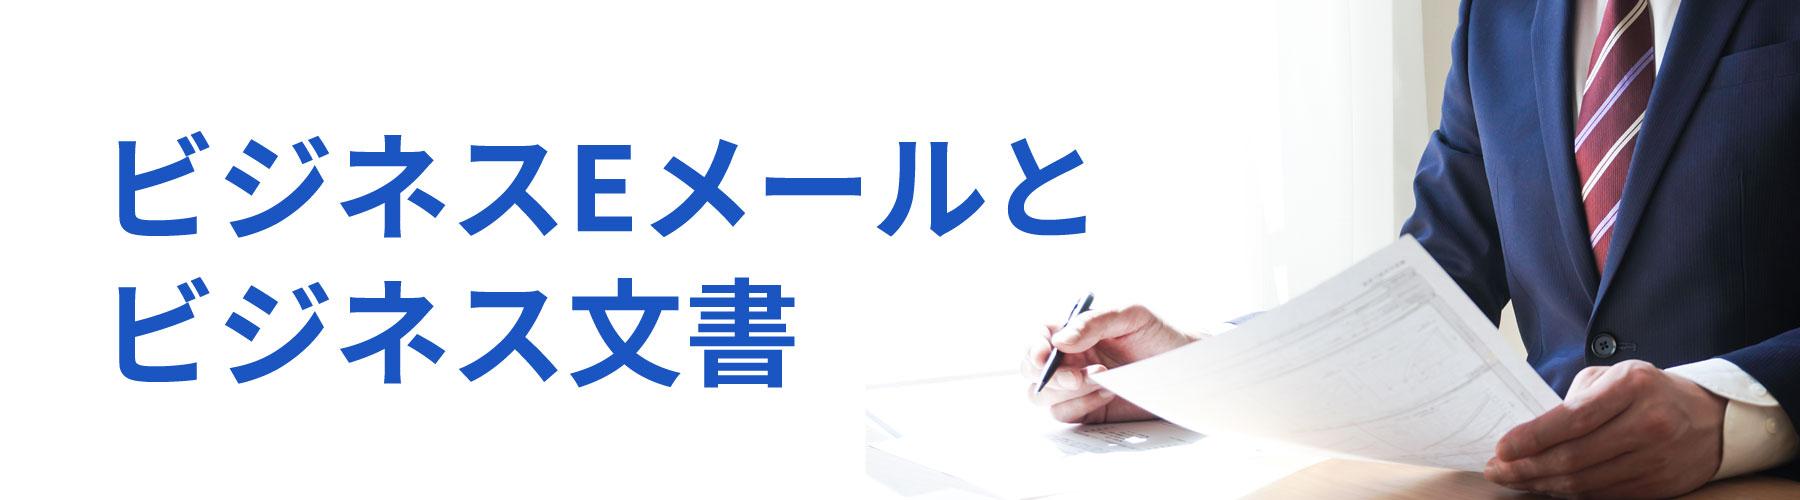 ビジネスEメールとビジネス文書